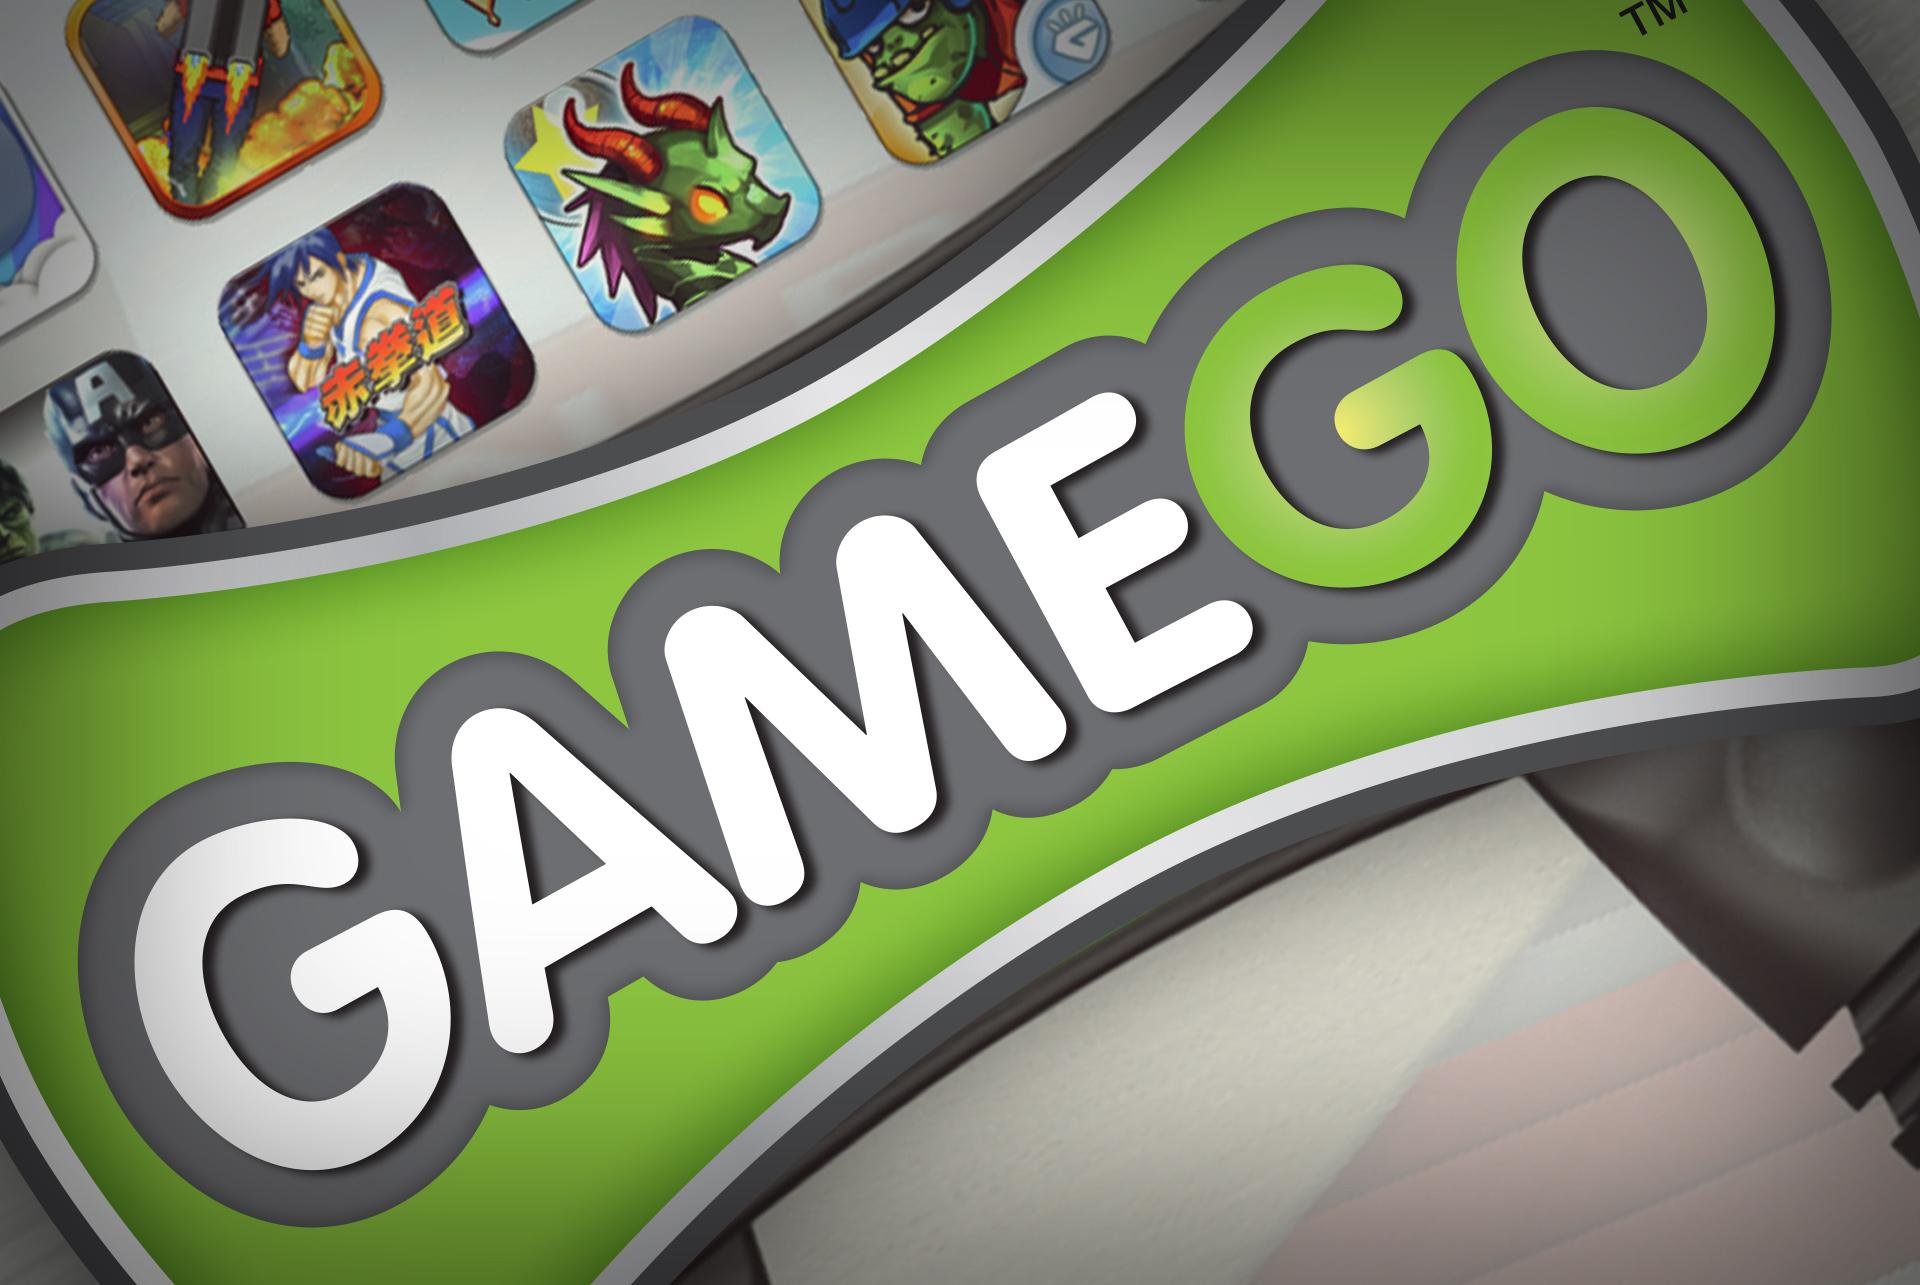 Gamego™